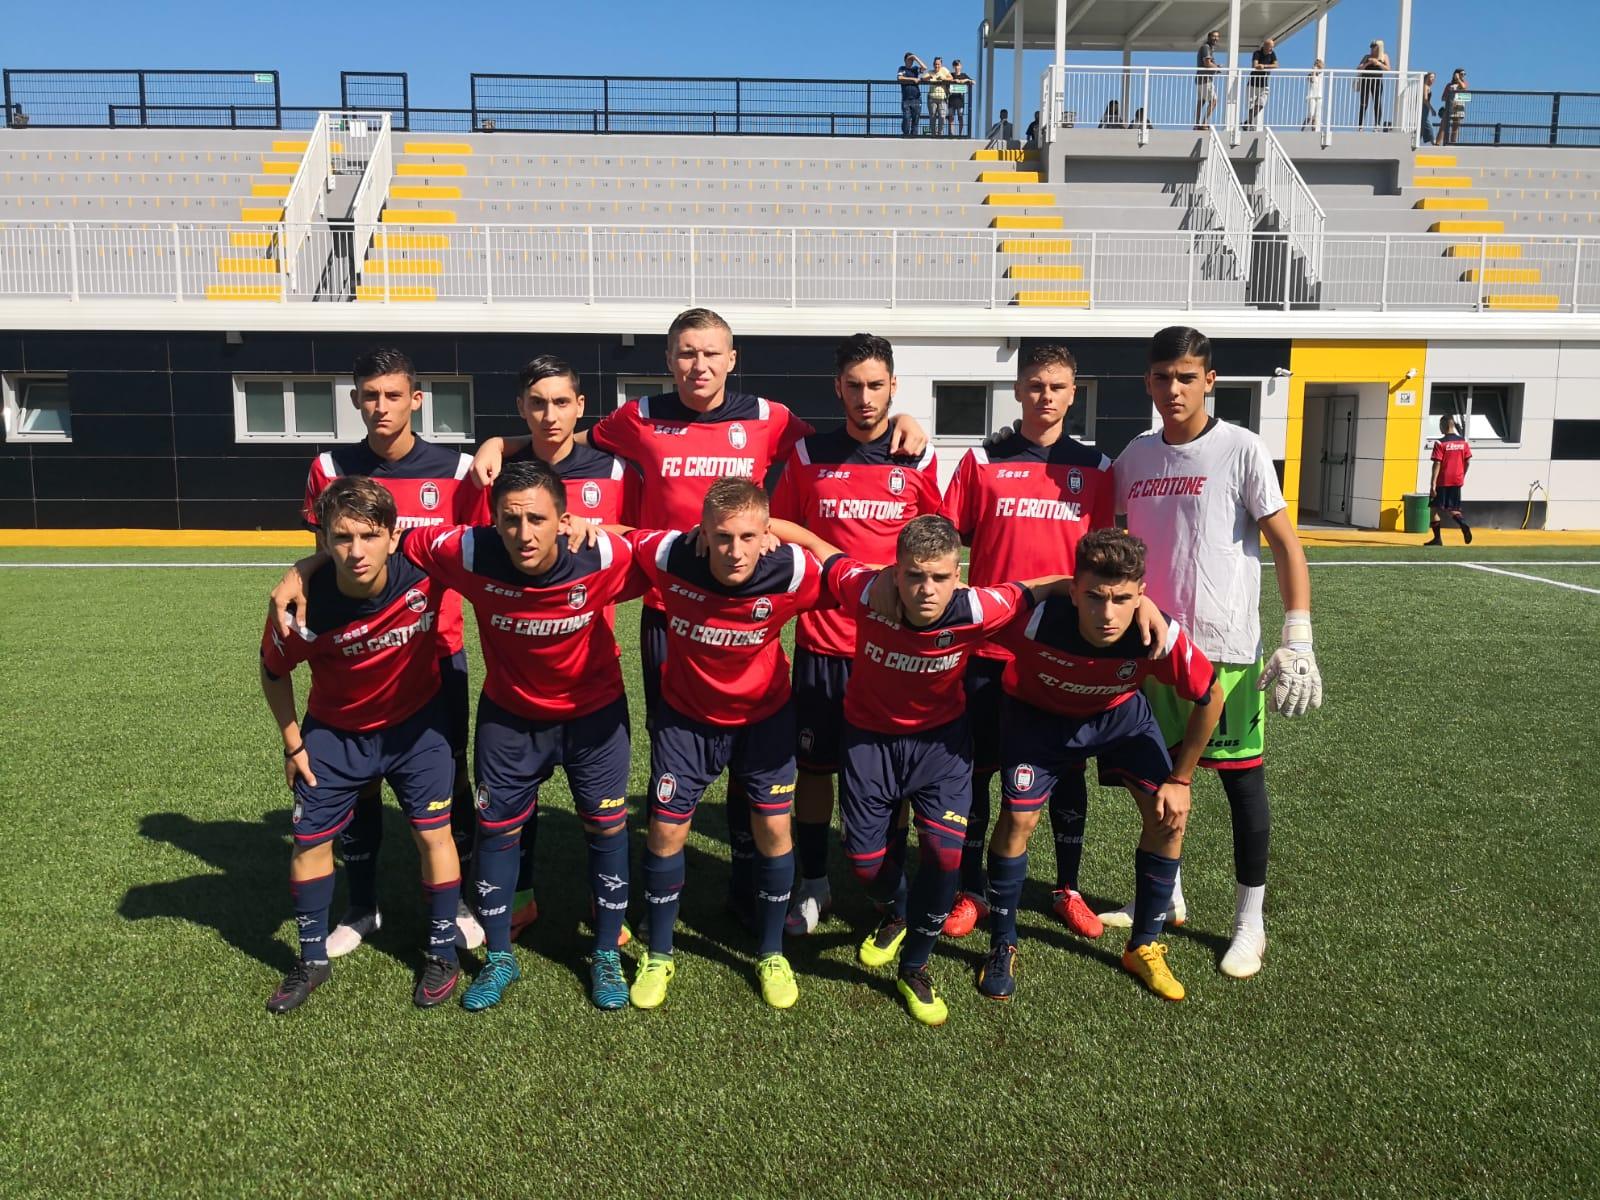 Il weekend delle giovanili: pirotecnico 3-3 dell'U15 contro la Roma